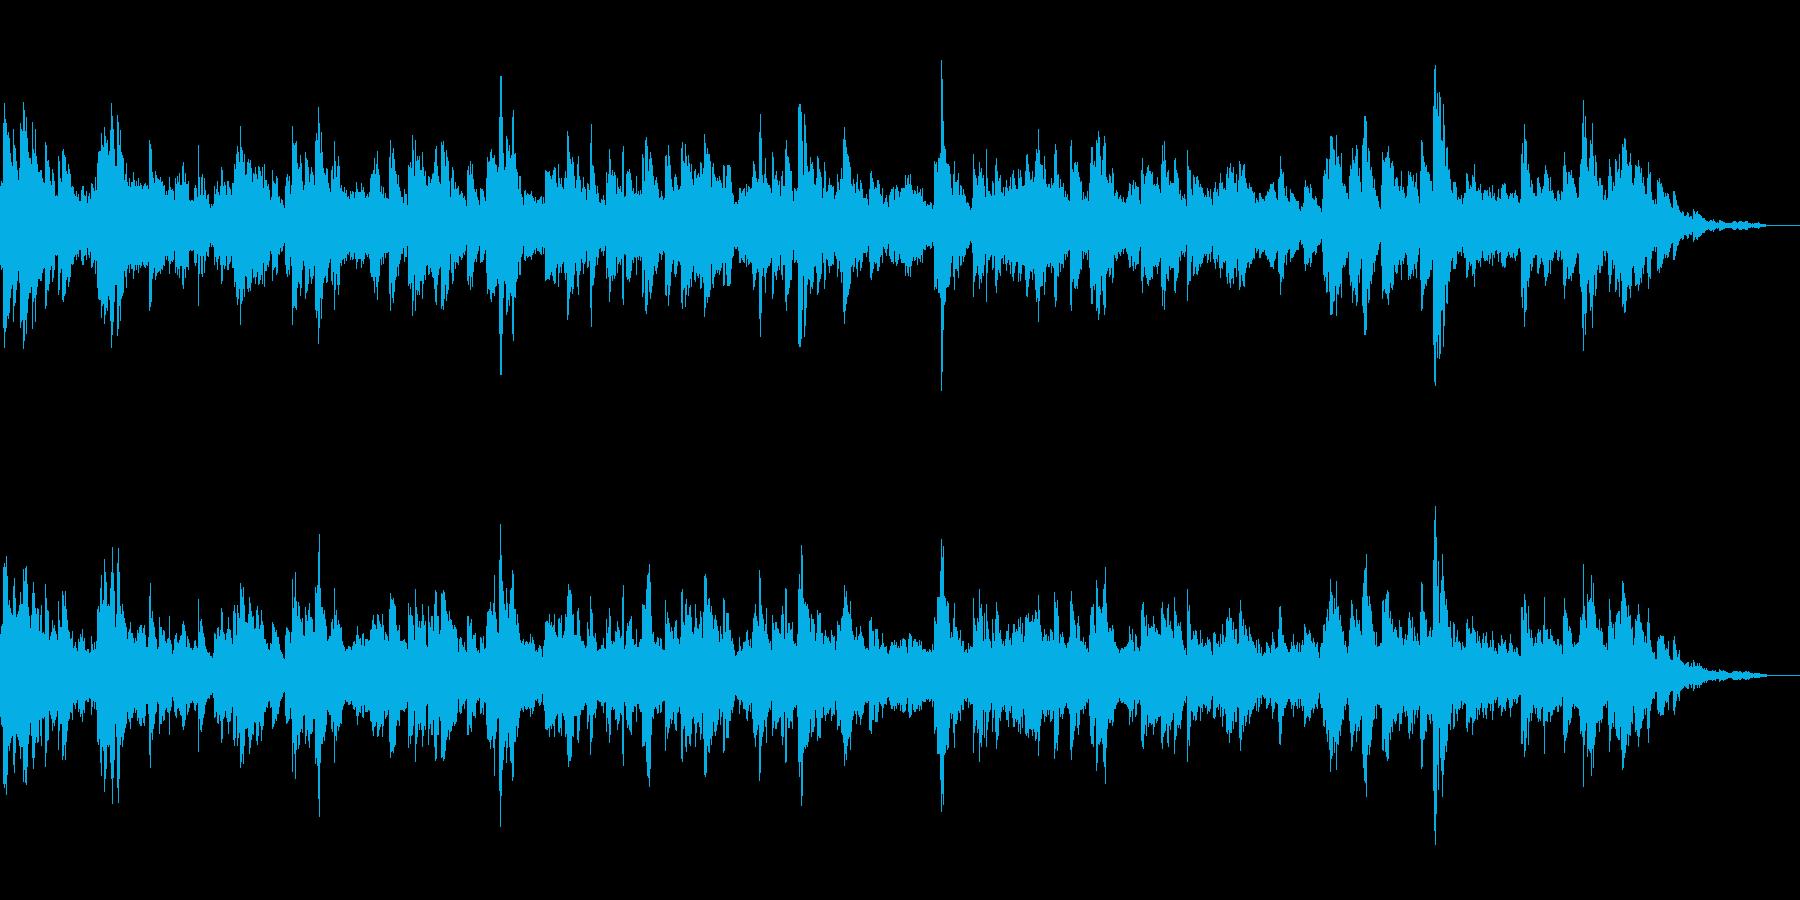 静かで幻想的なアンビエントBGMの再生済みの波形